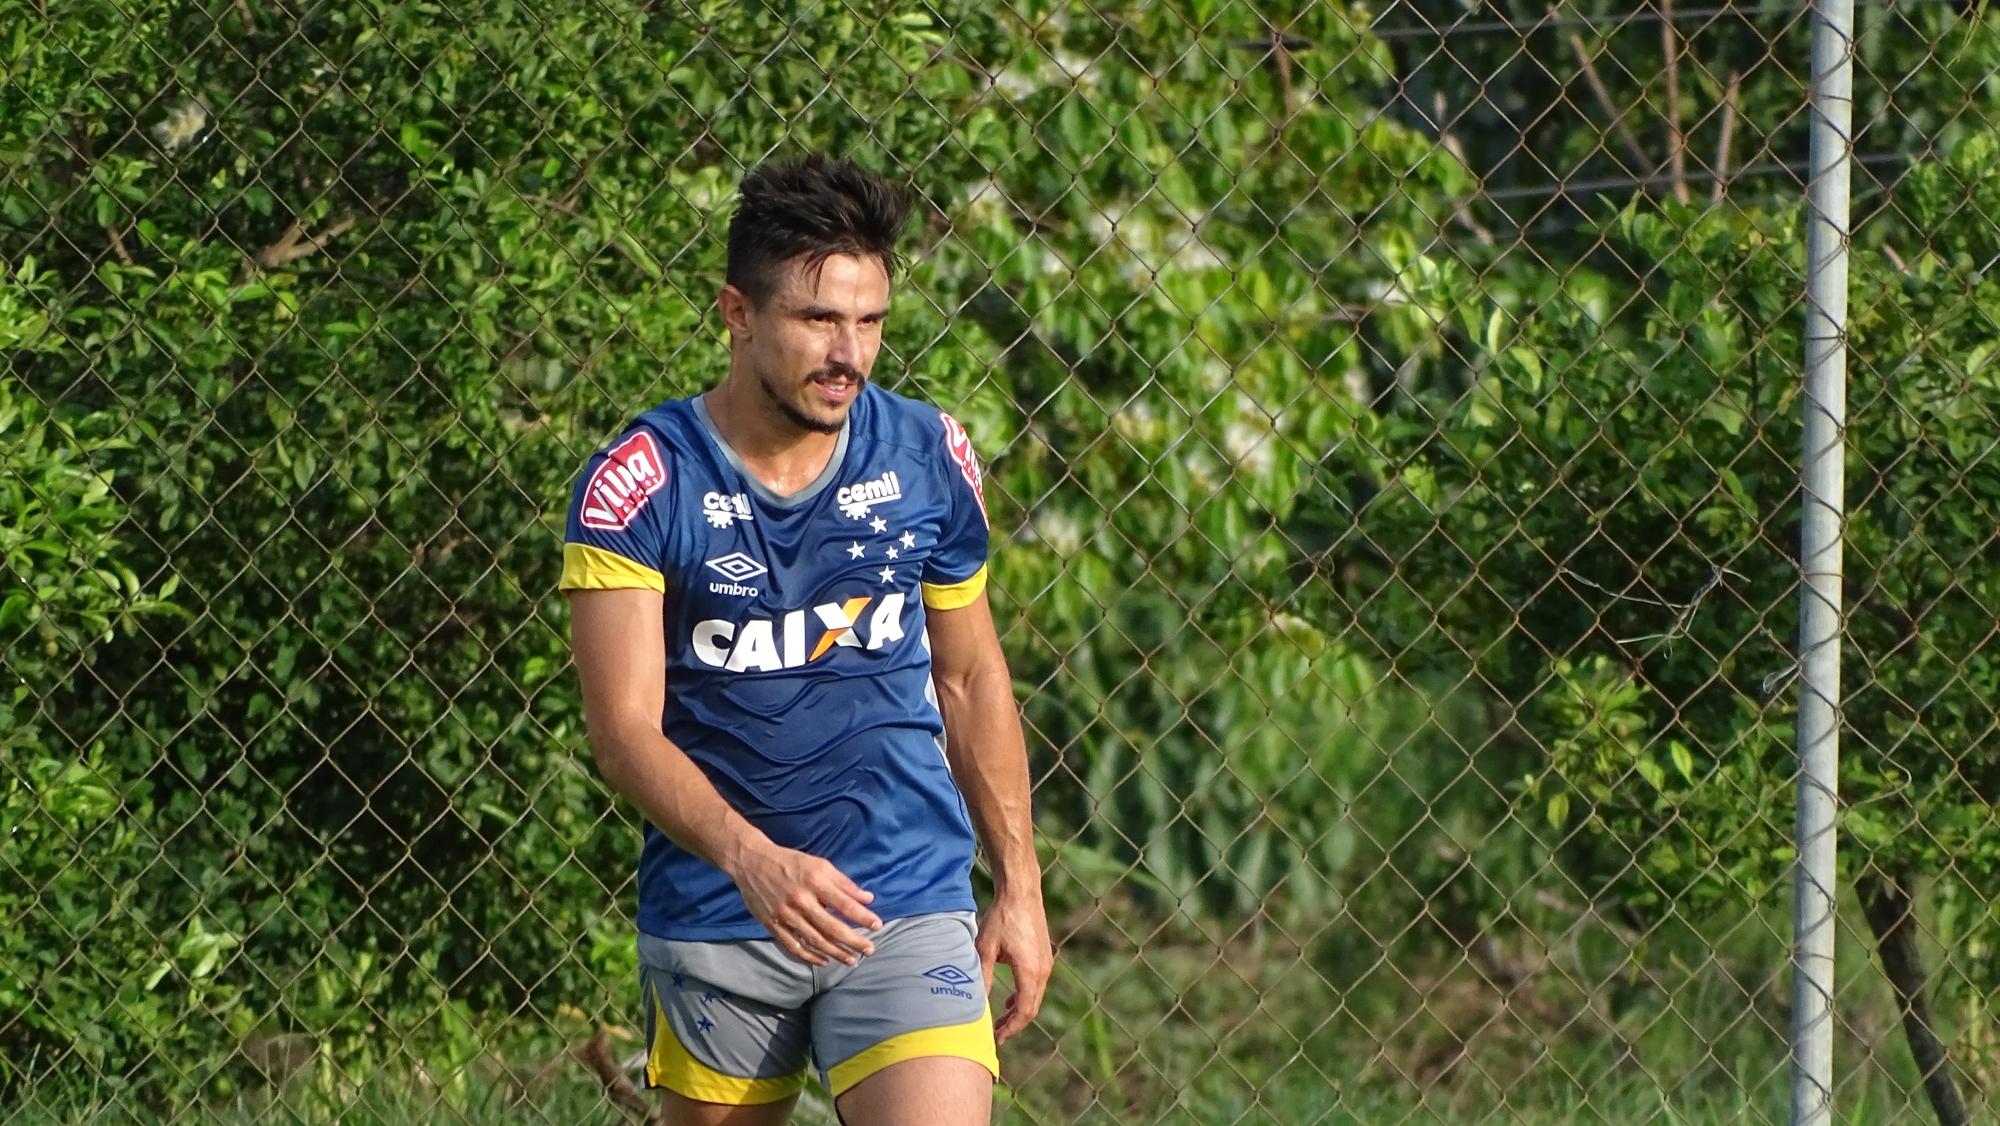 798d3827f80a8 Cruzeiro e Palmeiras finalizam negócio envolvendo Robinho